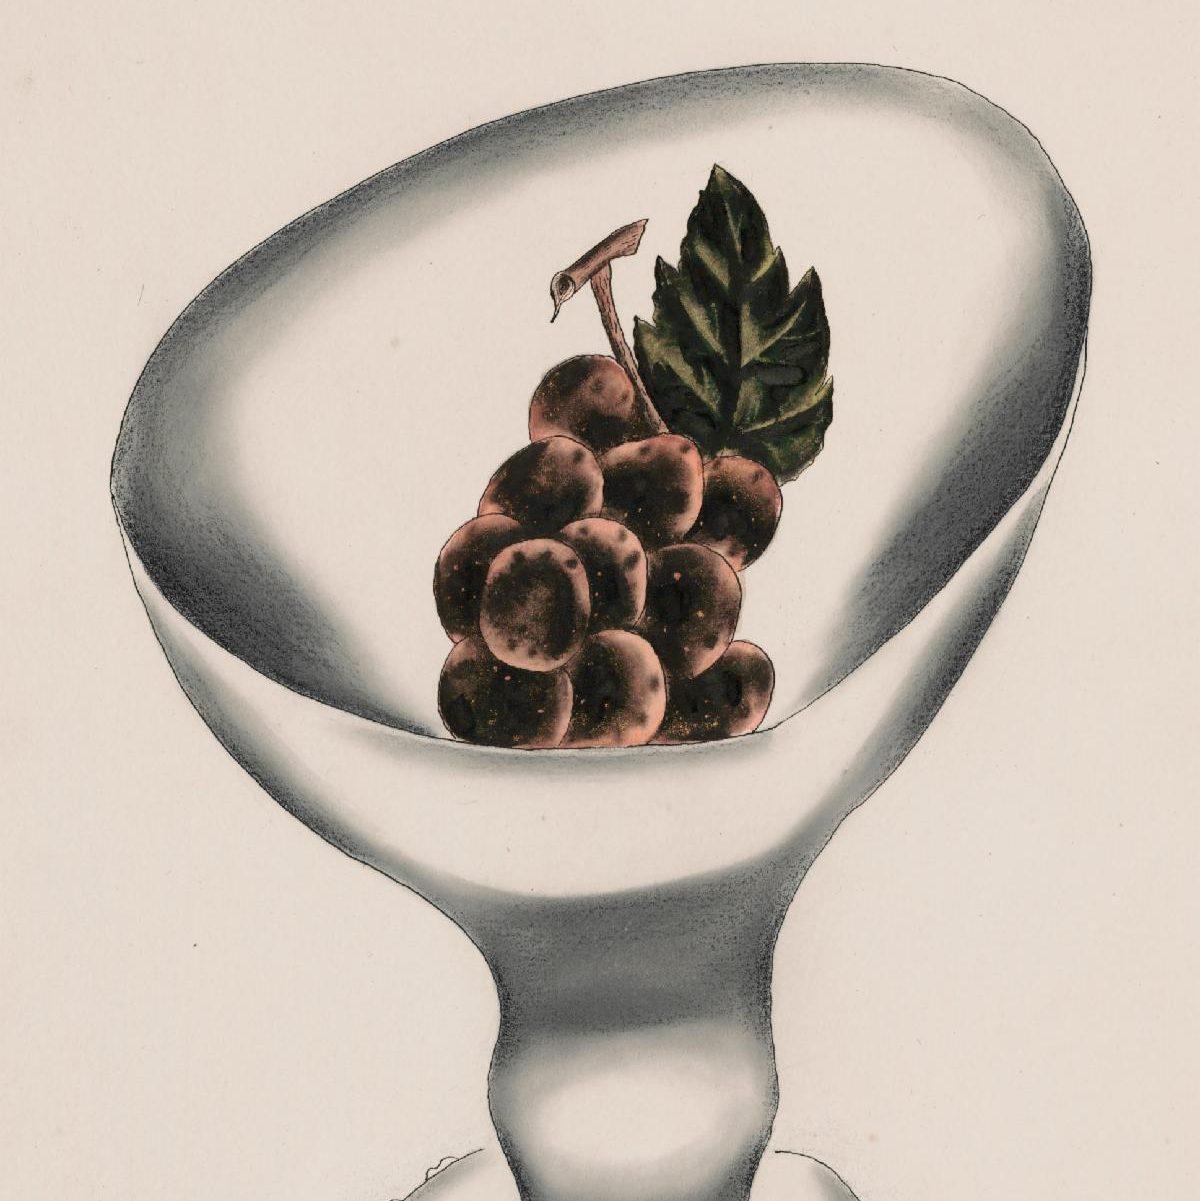 Detail of Yasuo Kuniyoshi, Grapes in White Bowl